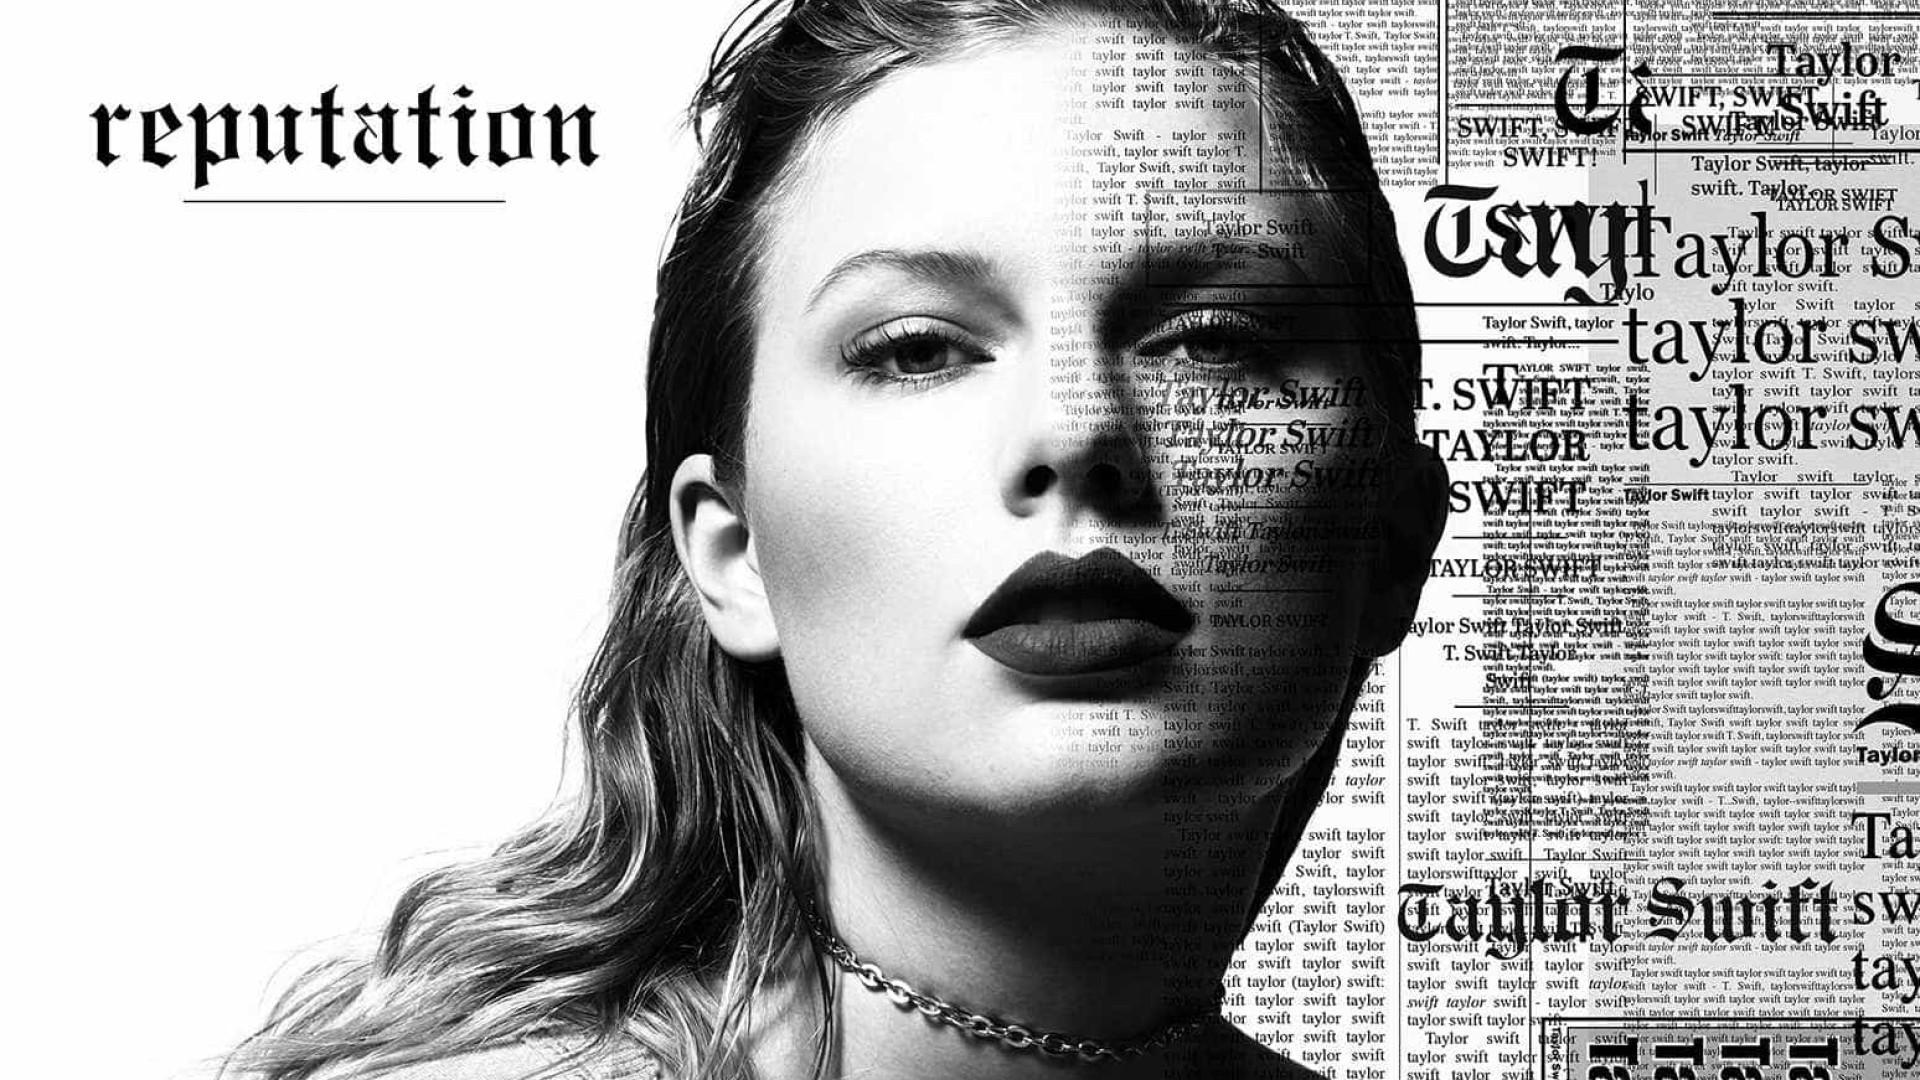 Álbum de Taylor Swift chega ao streaming após 20 dias do lançamento